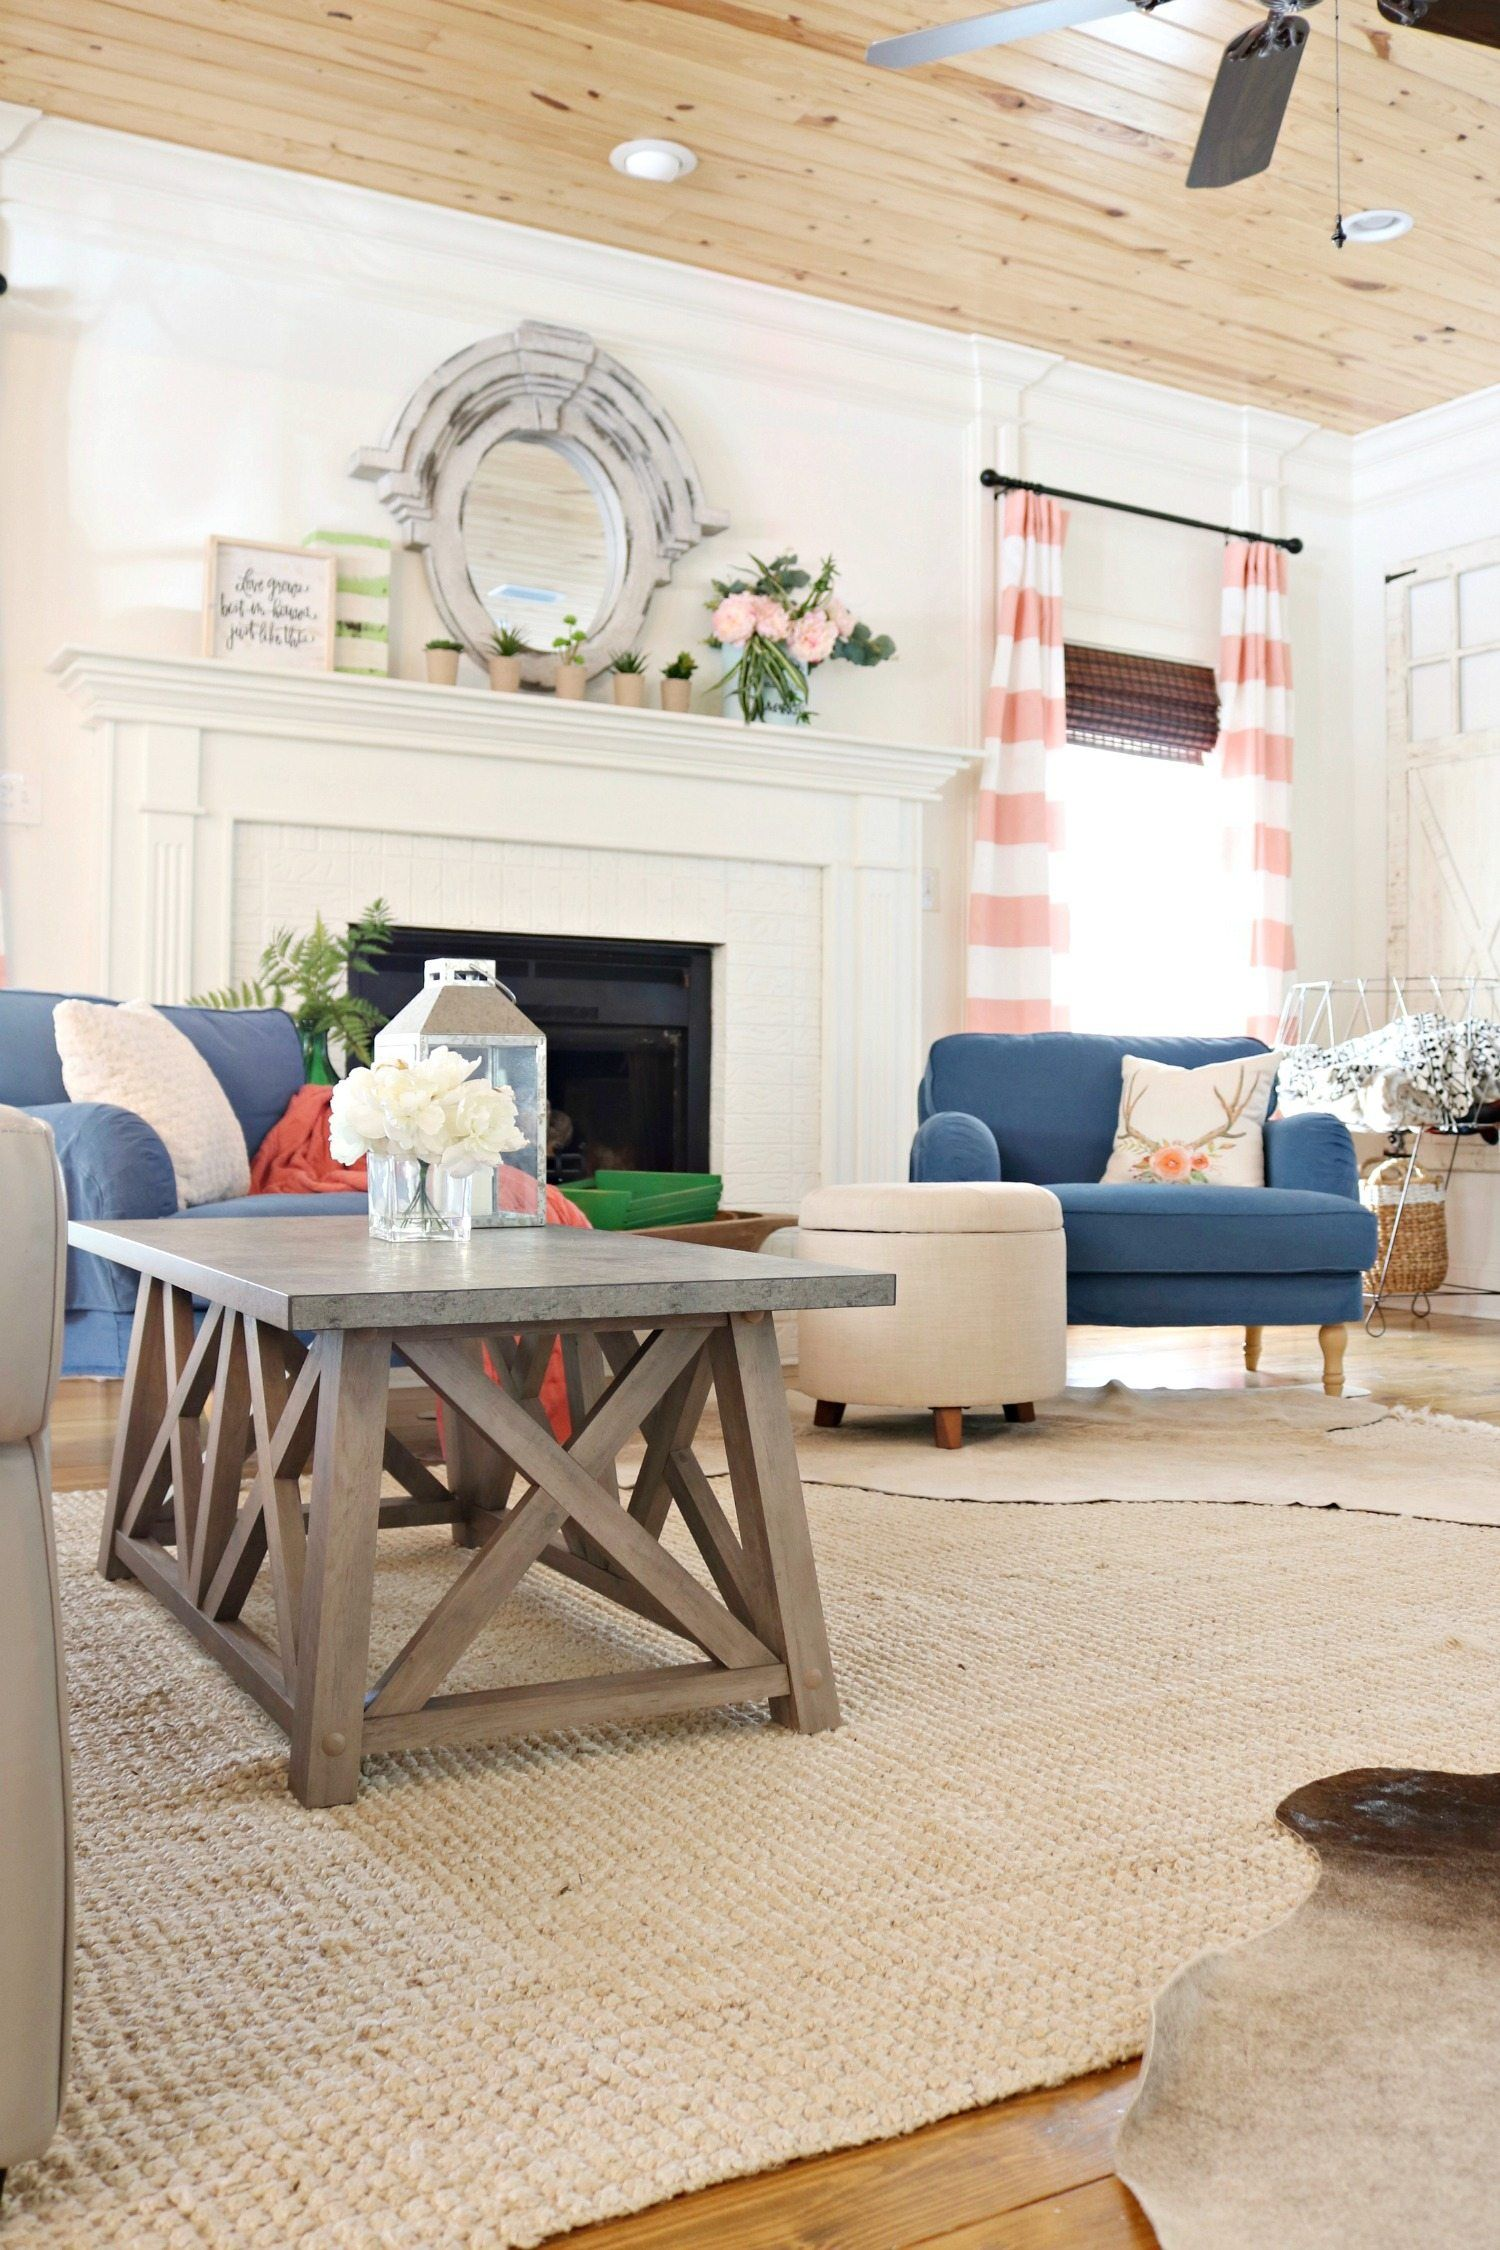 Open Floor Plan Unique Shape Living room decor on a